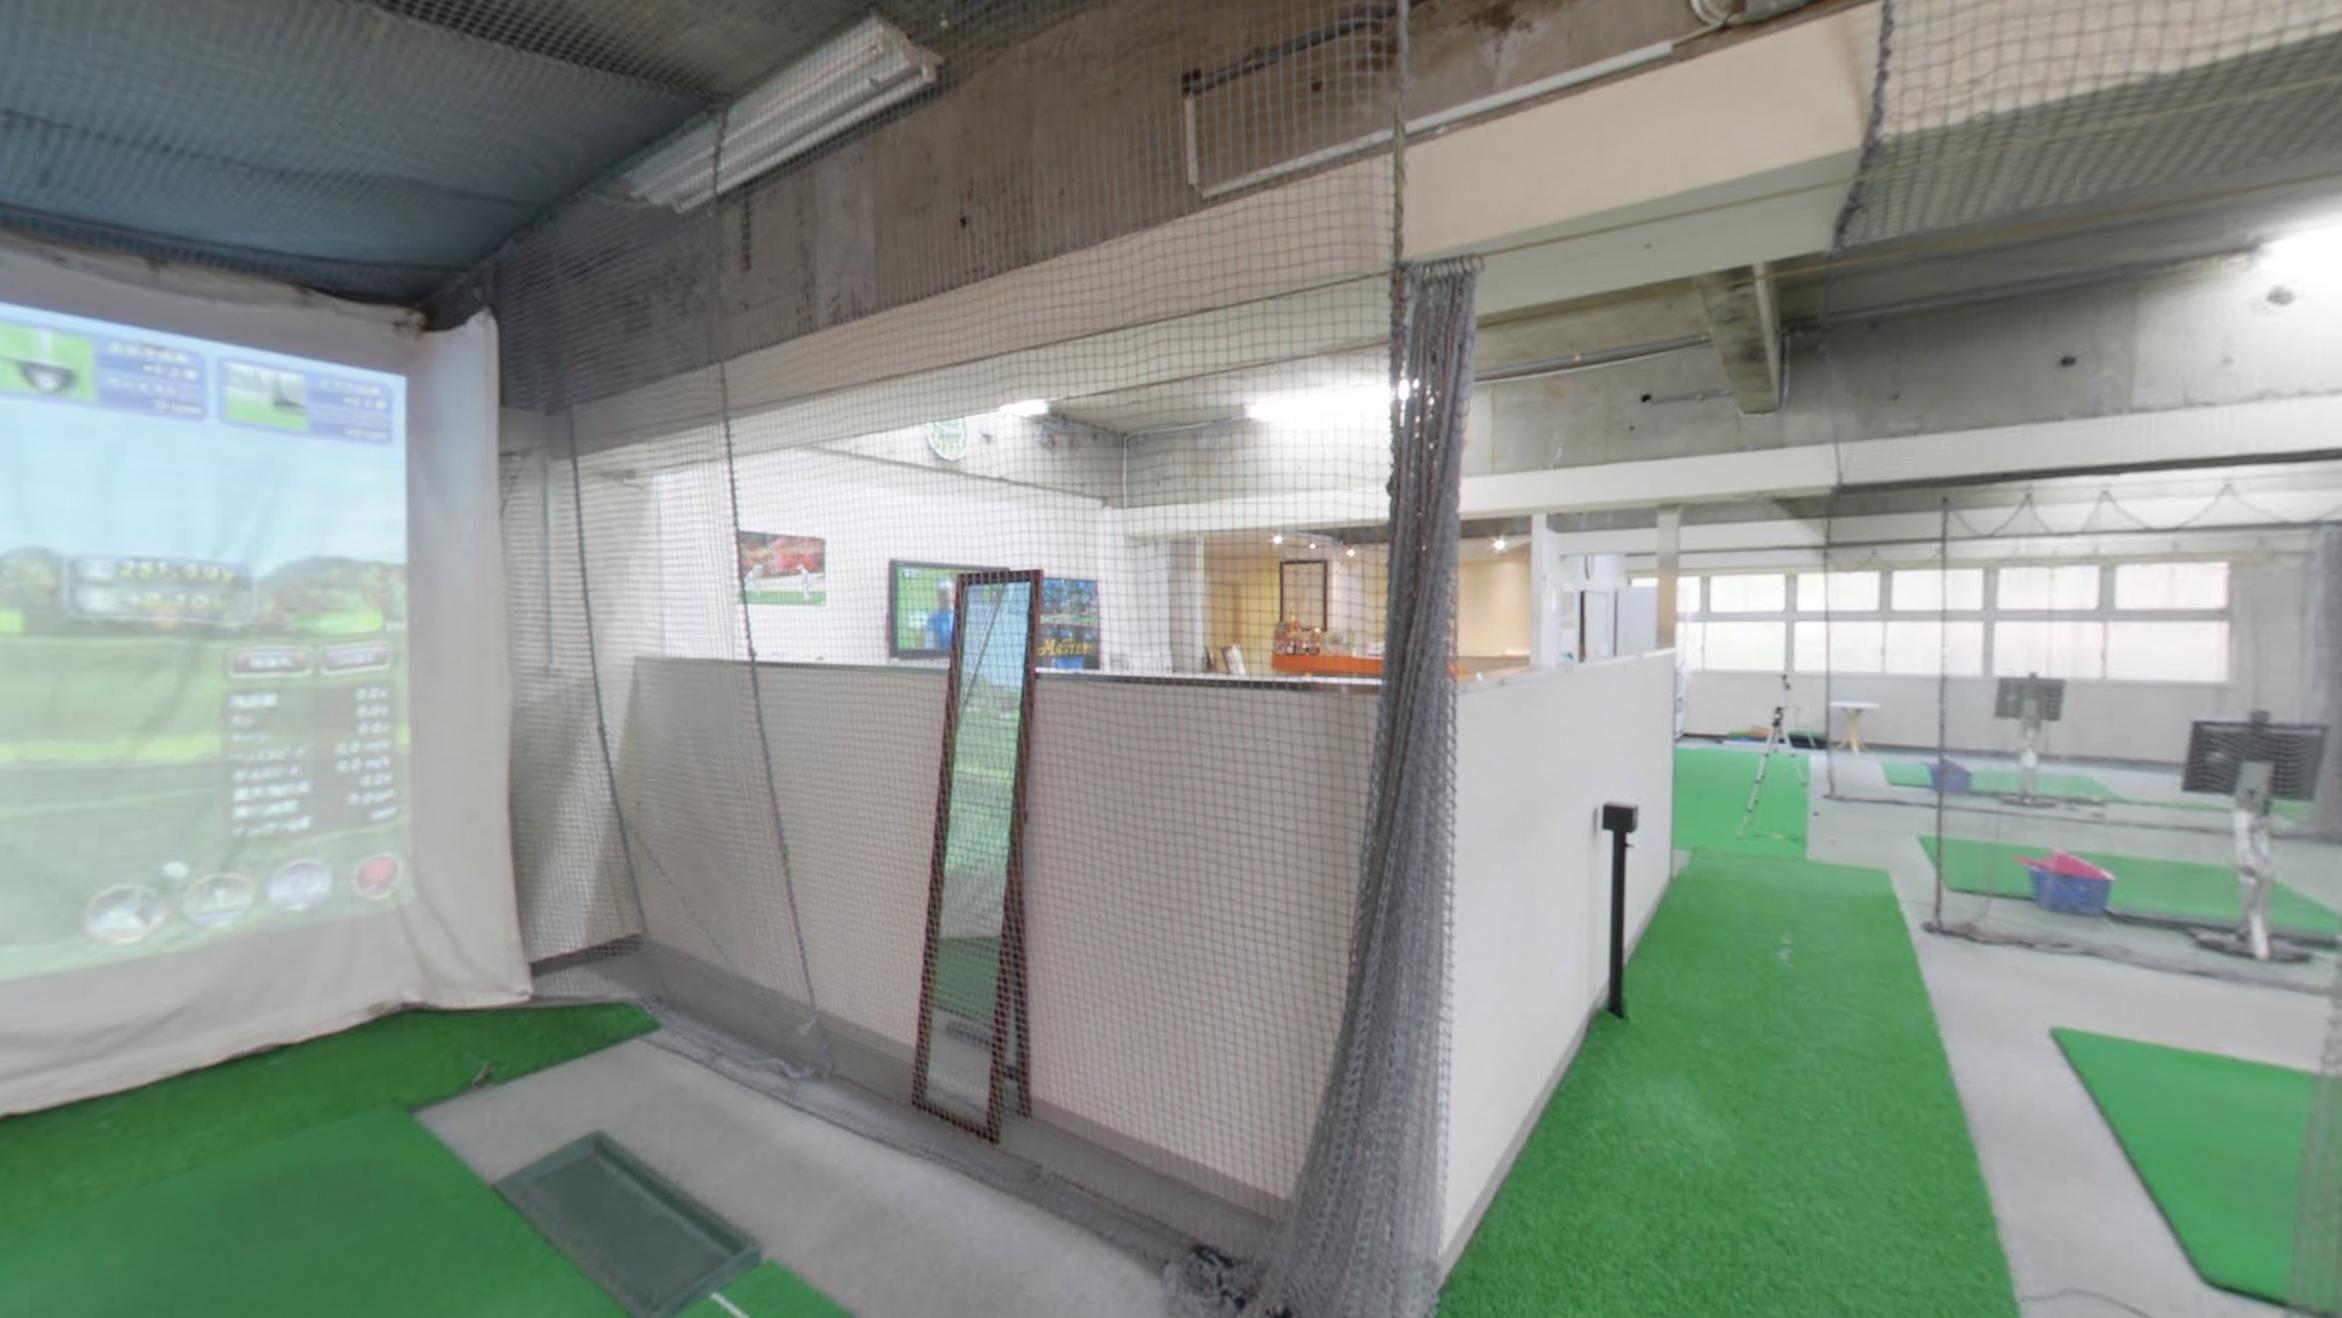 五反田・目黒ゴルフレッスン体験記 その03:品川ゴルフスクール